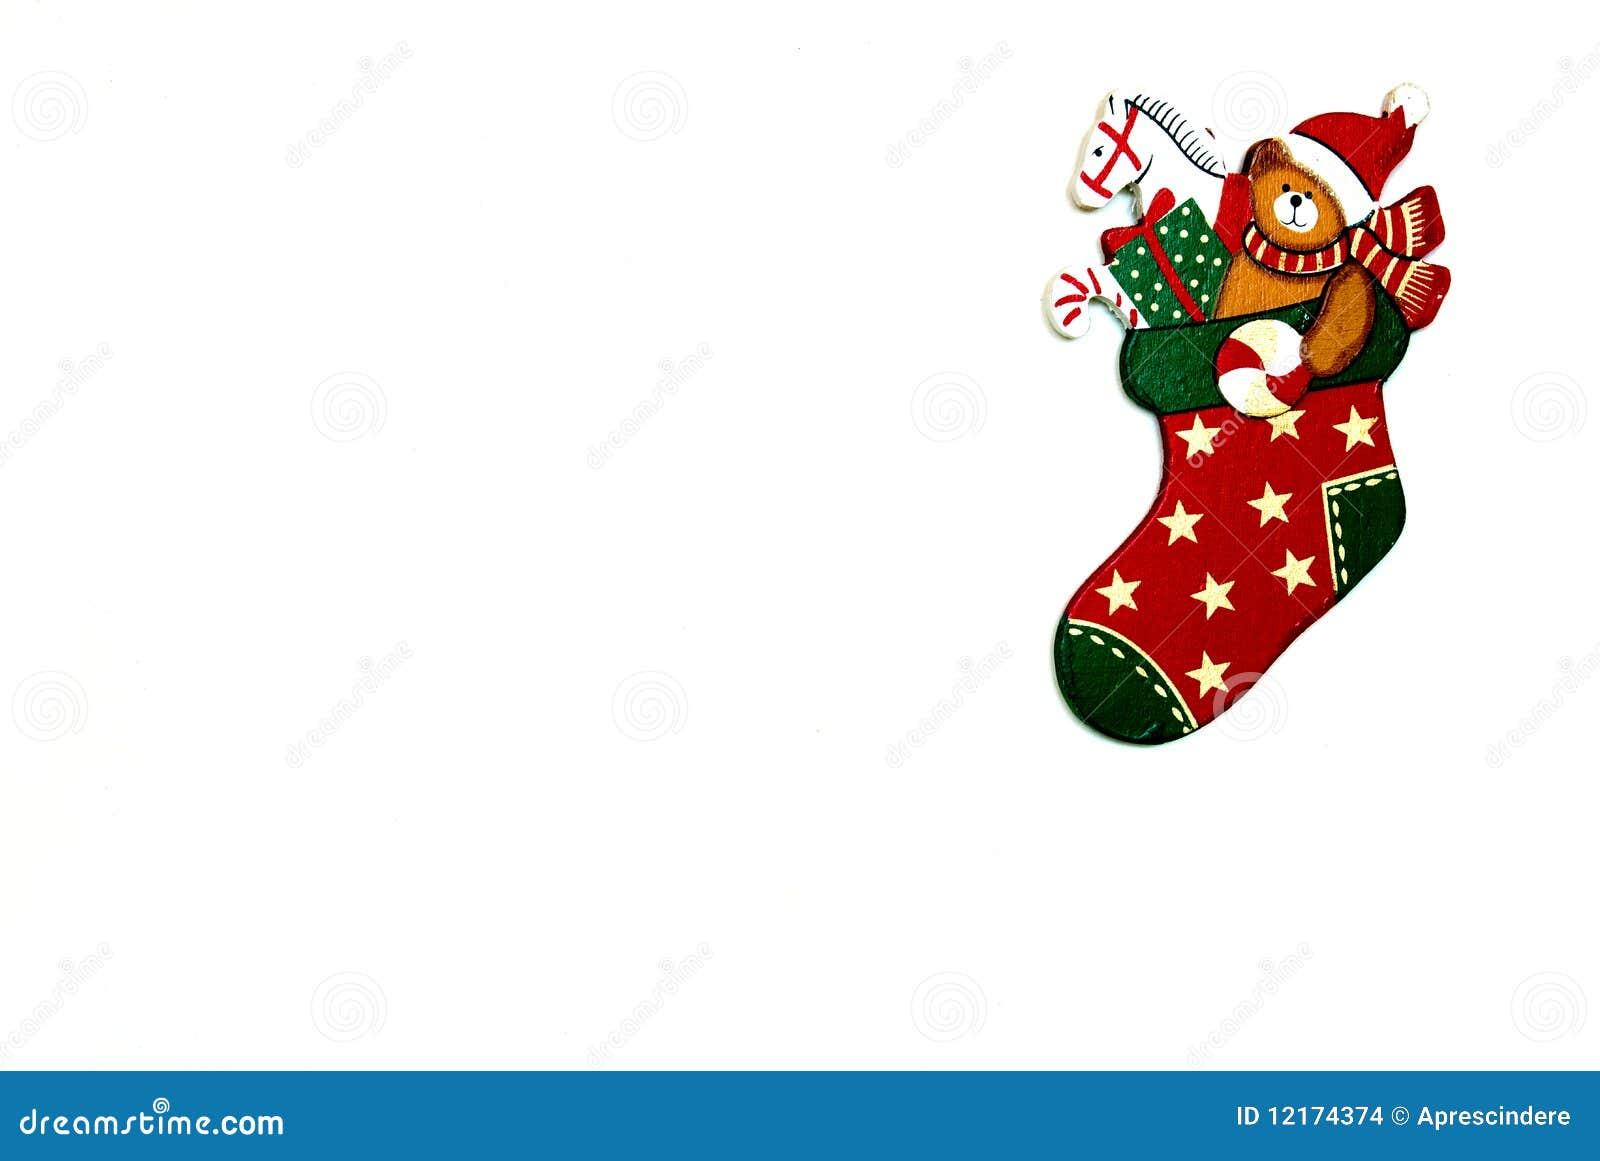 Tarjeta De Navidad Foto De Archivo Imagen De Estación 12174374